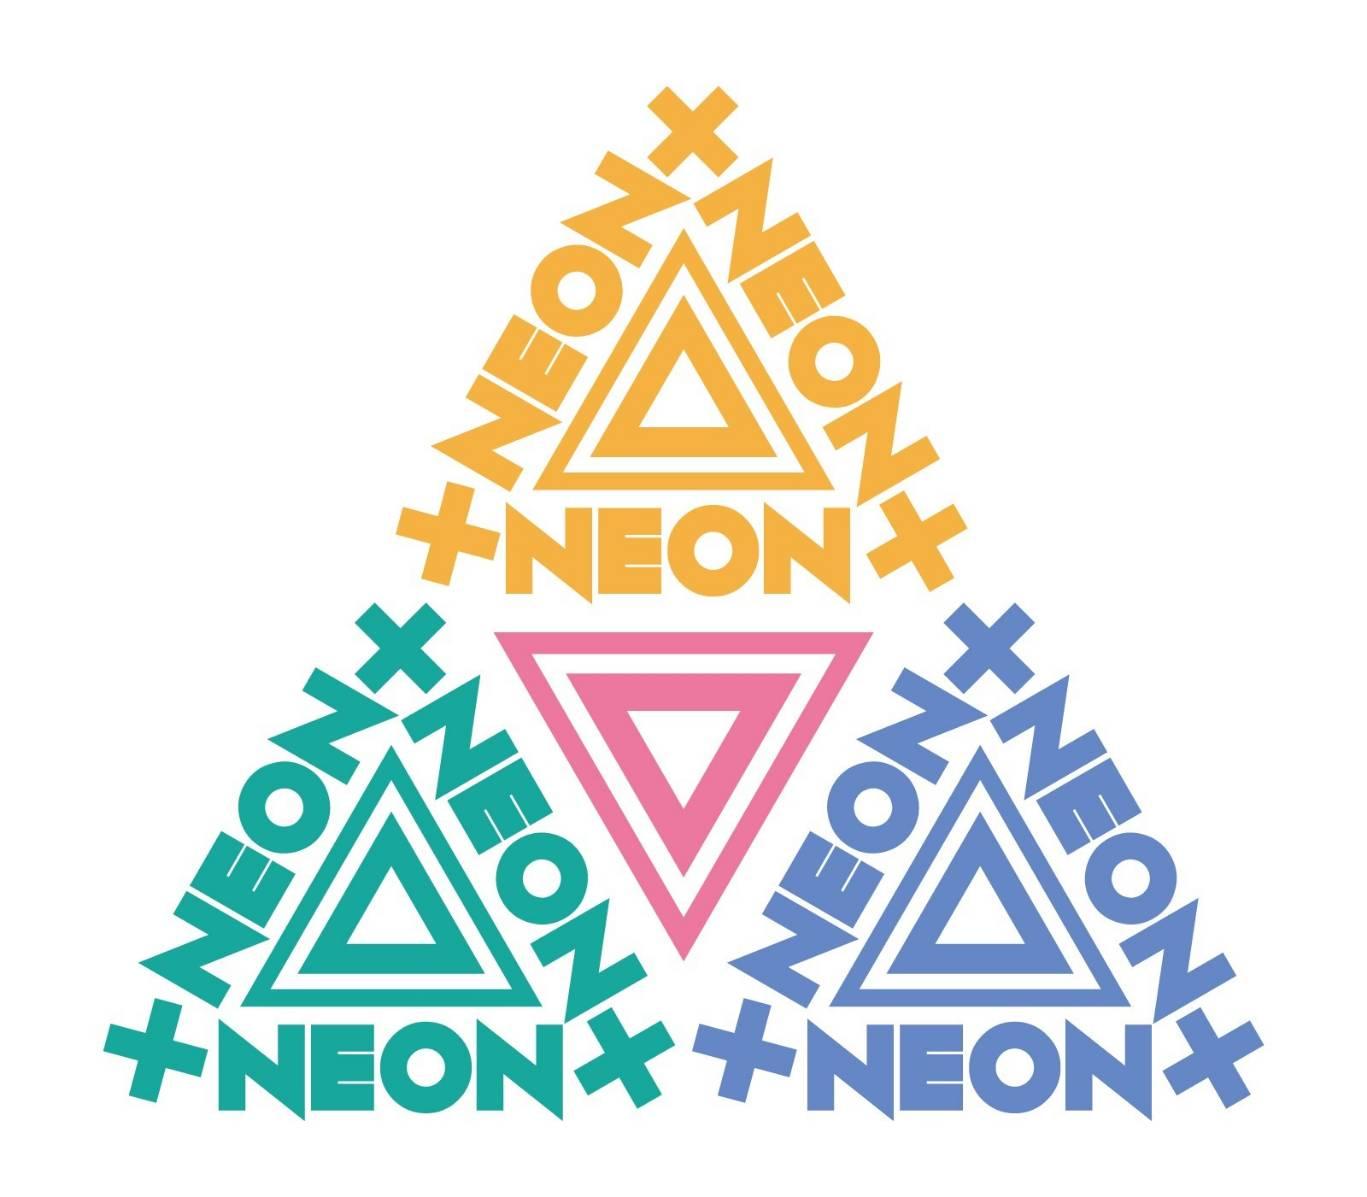 2019年8月2日(金) 『NEON×NEON×NEON』@渋谷ストリームホール